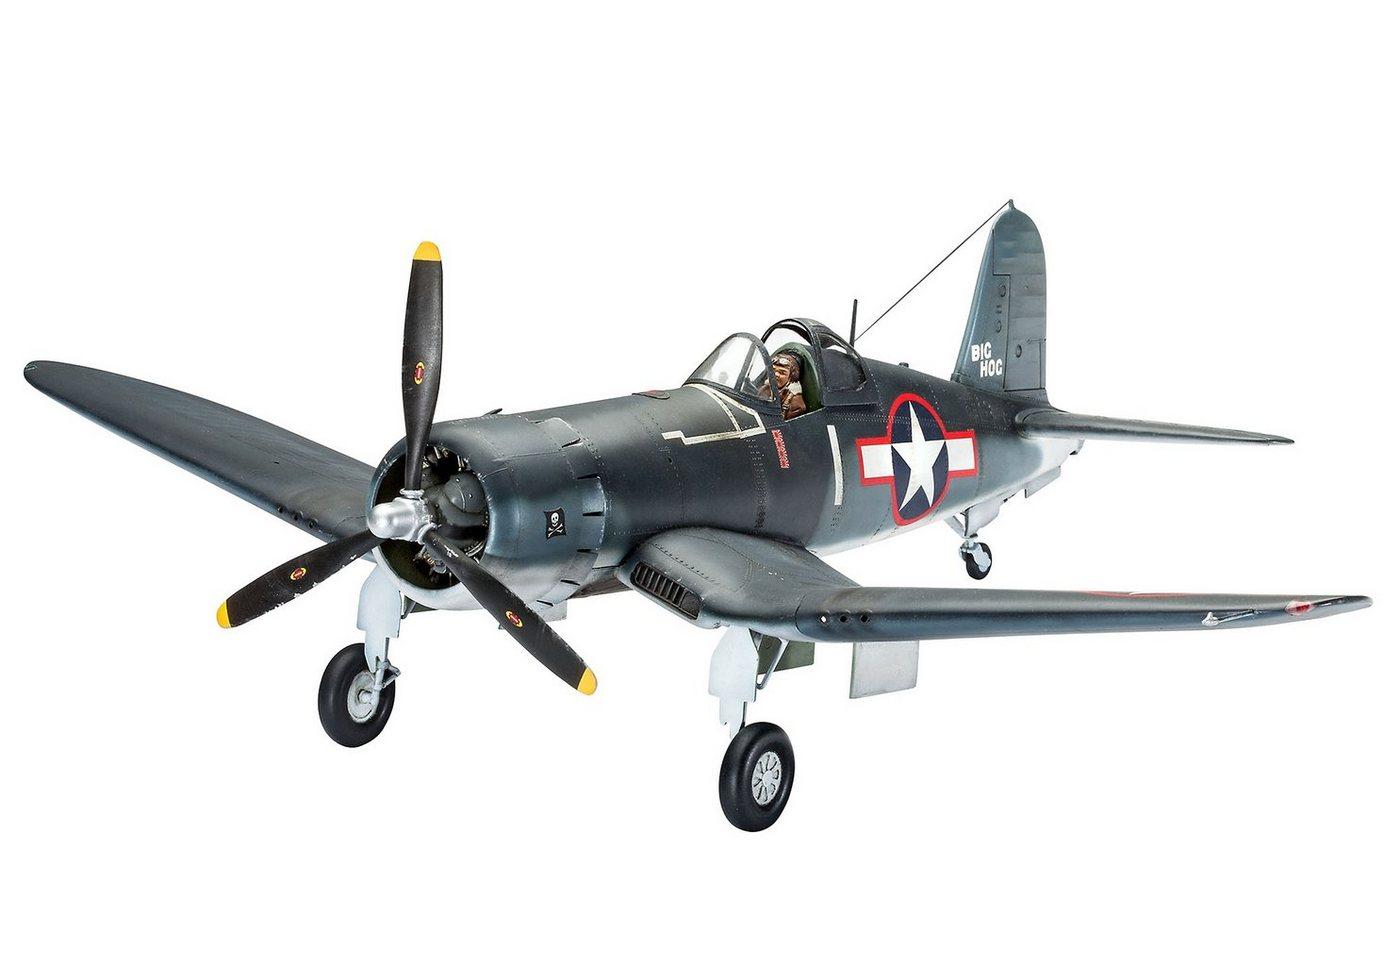 Revell® Modellbausatz Flugzeug, »Vought F4U-1A Corsair«, 1:32